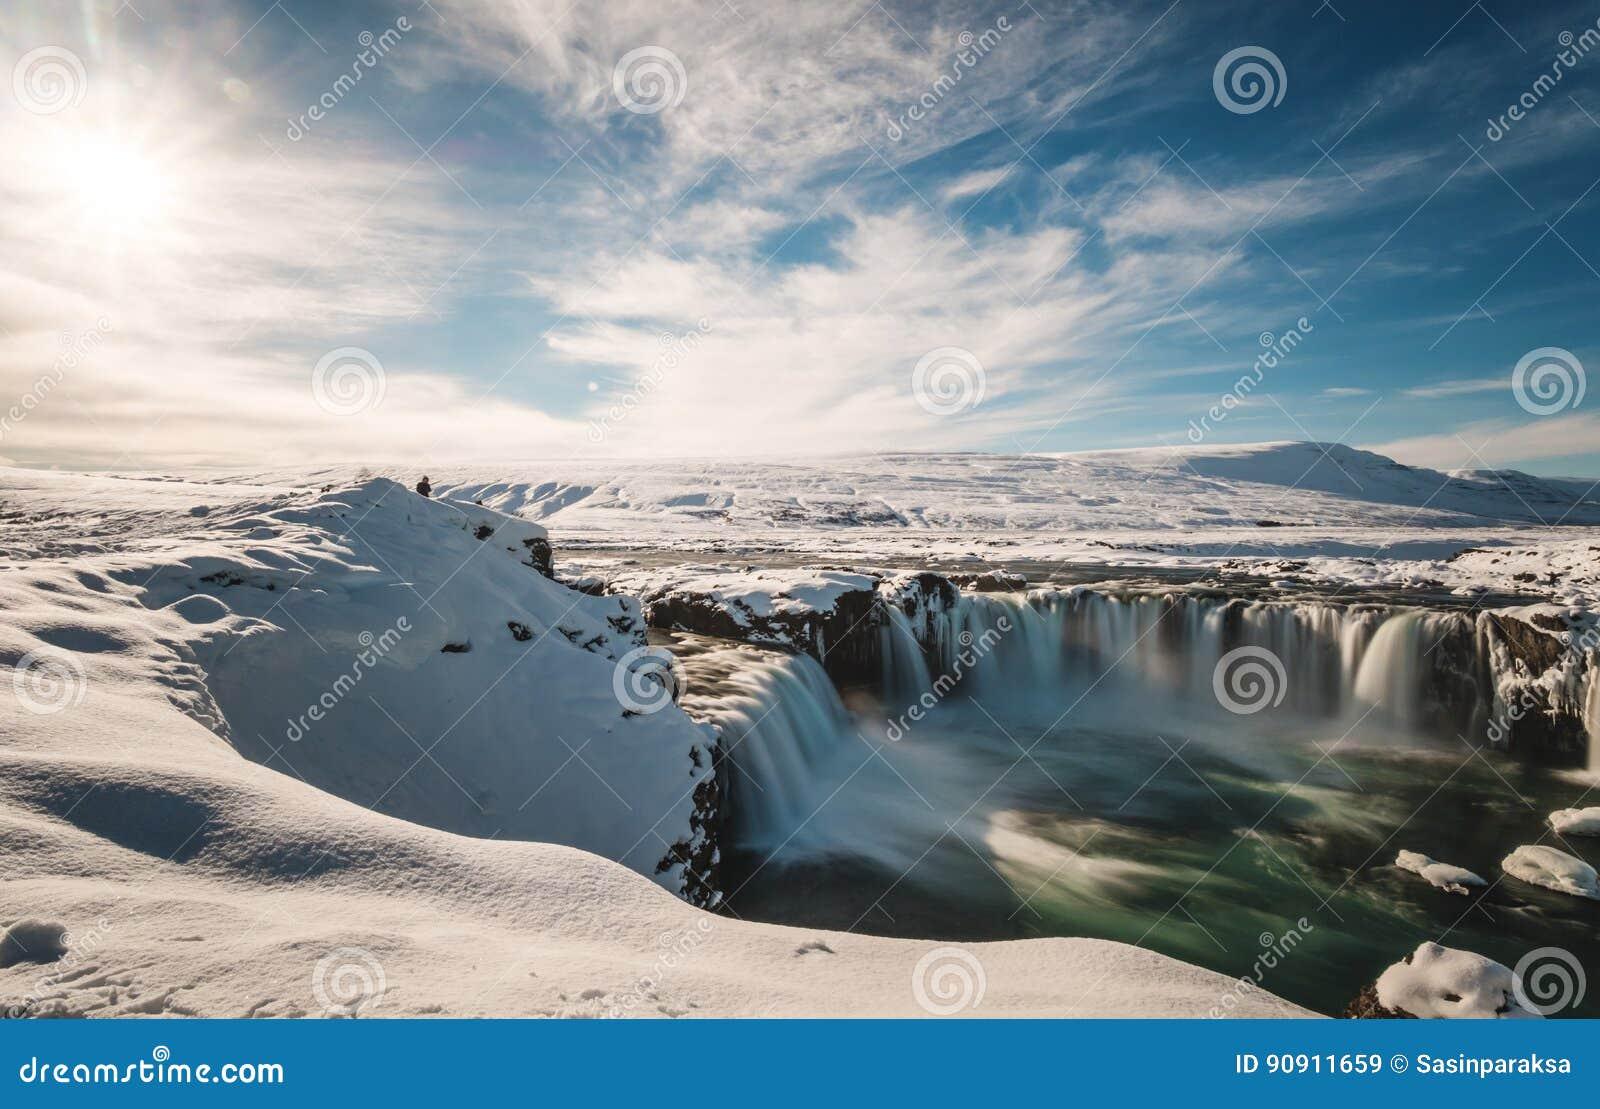 Ajardine, queda da água de Godafoss no inverno em Islândia com luz solar brilhante